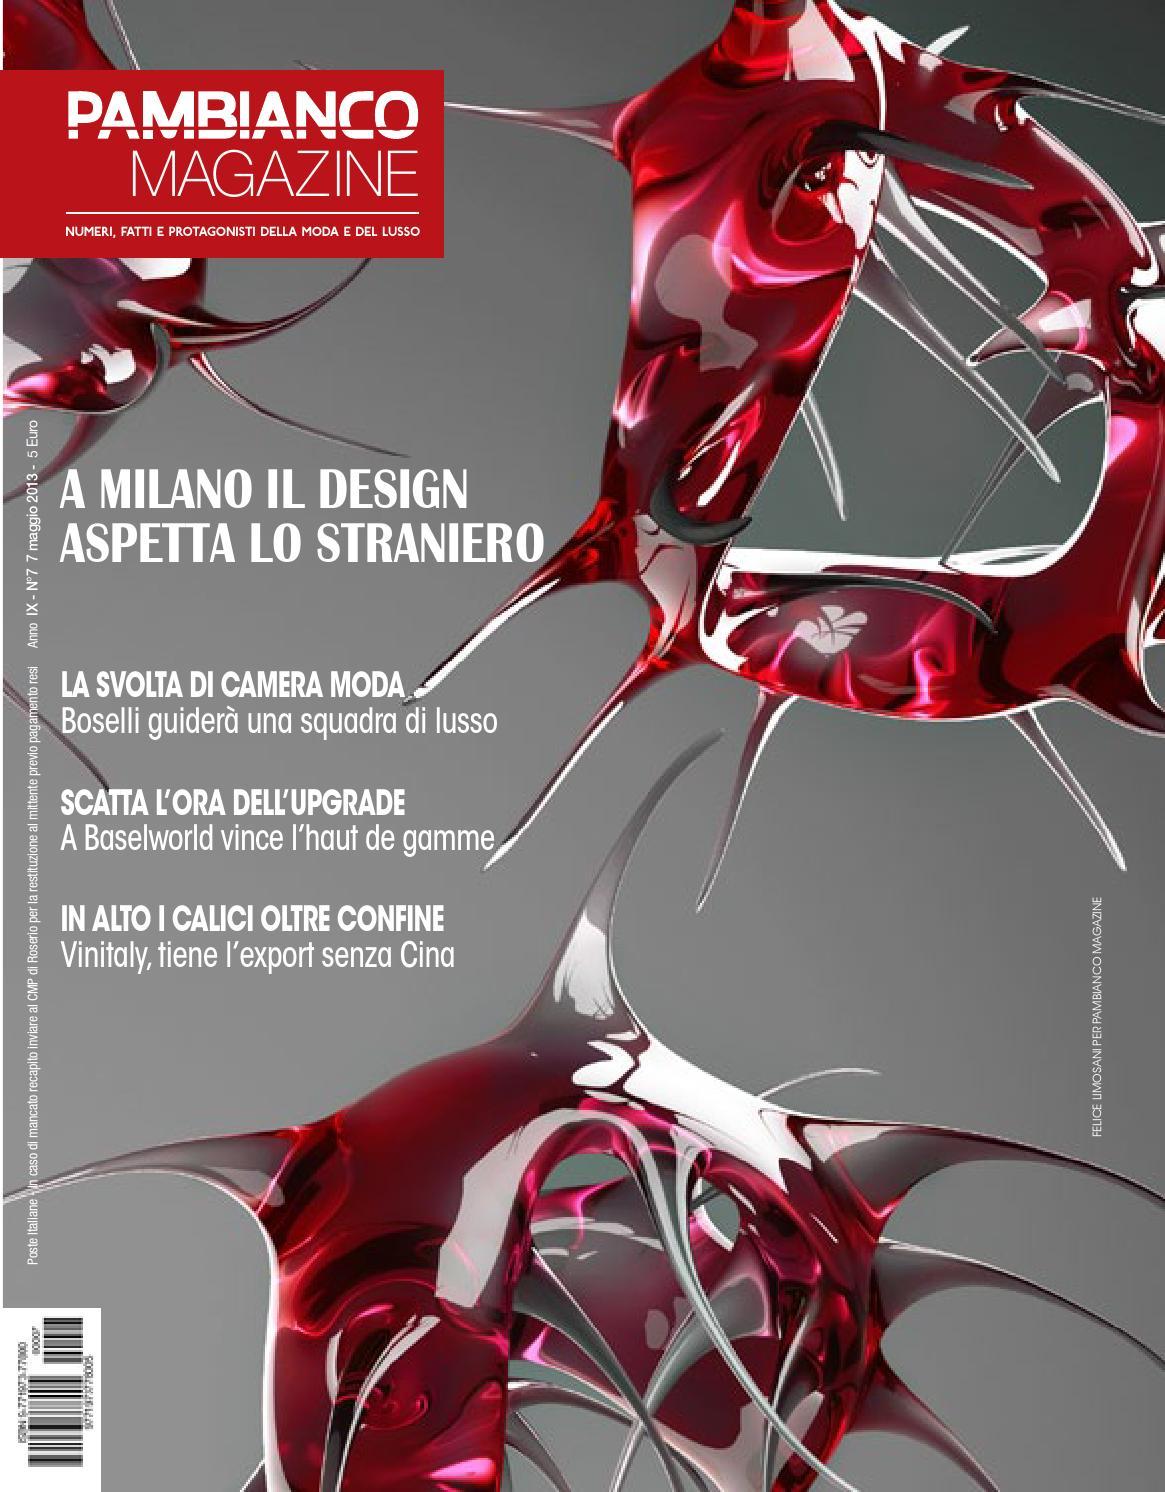 Pambianco Magazine N.7 IX by Pambianconews issuu